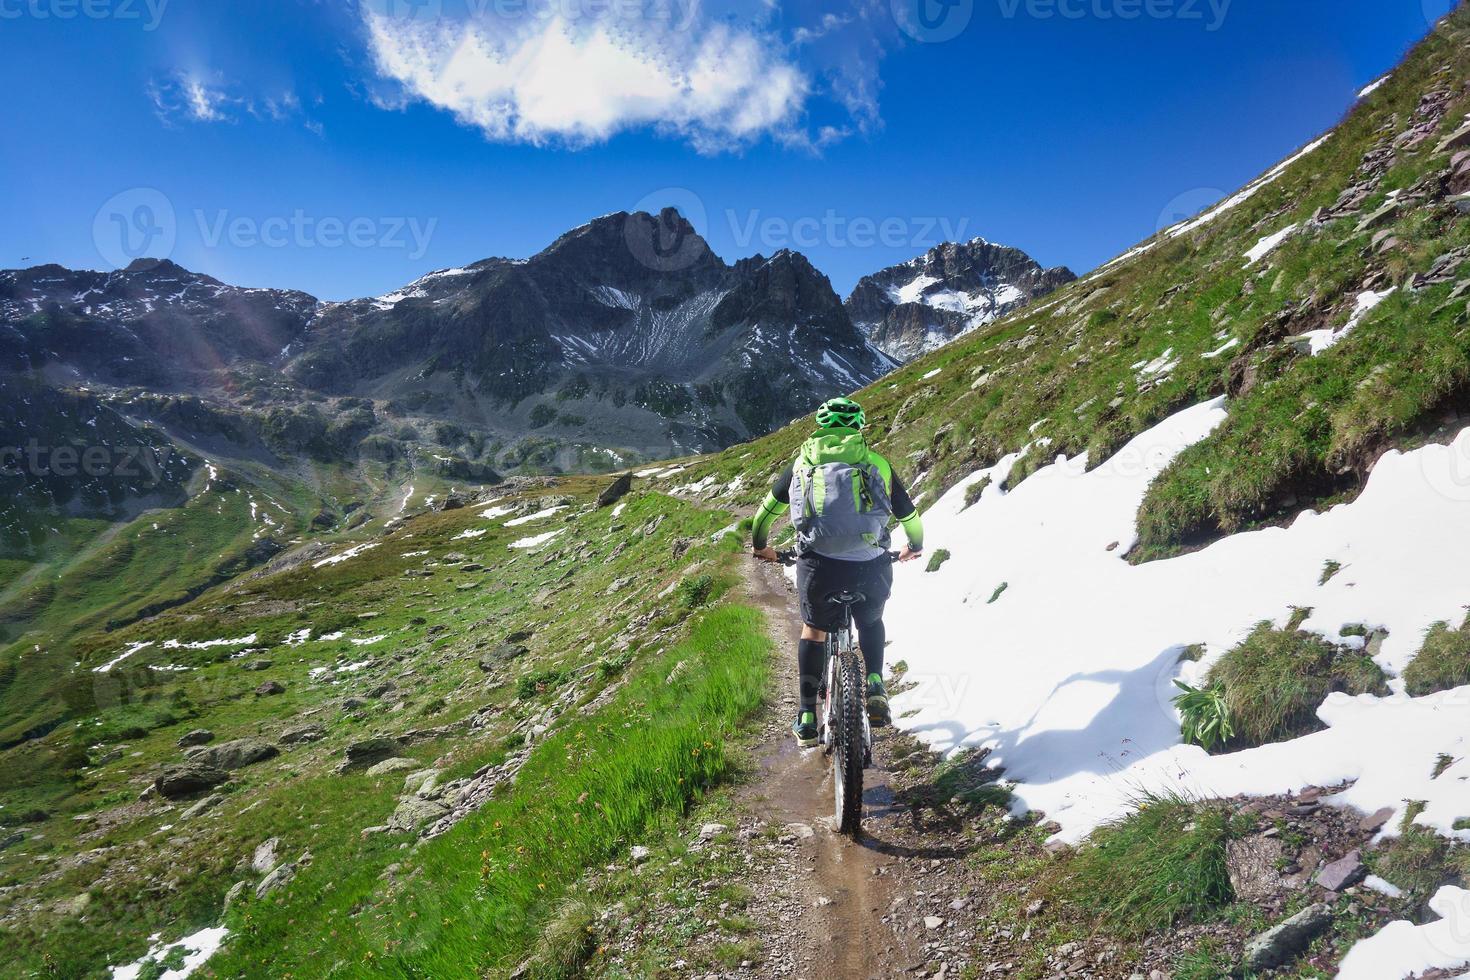 mountainbike i en liten smal bergsstig foto